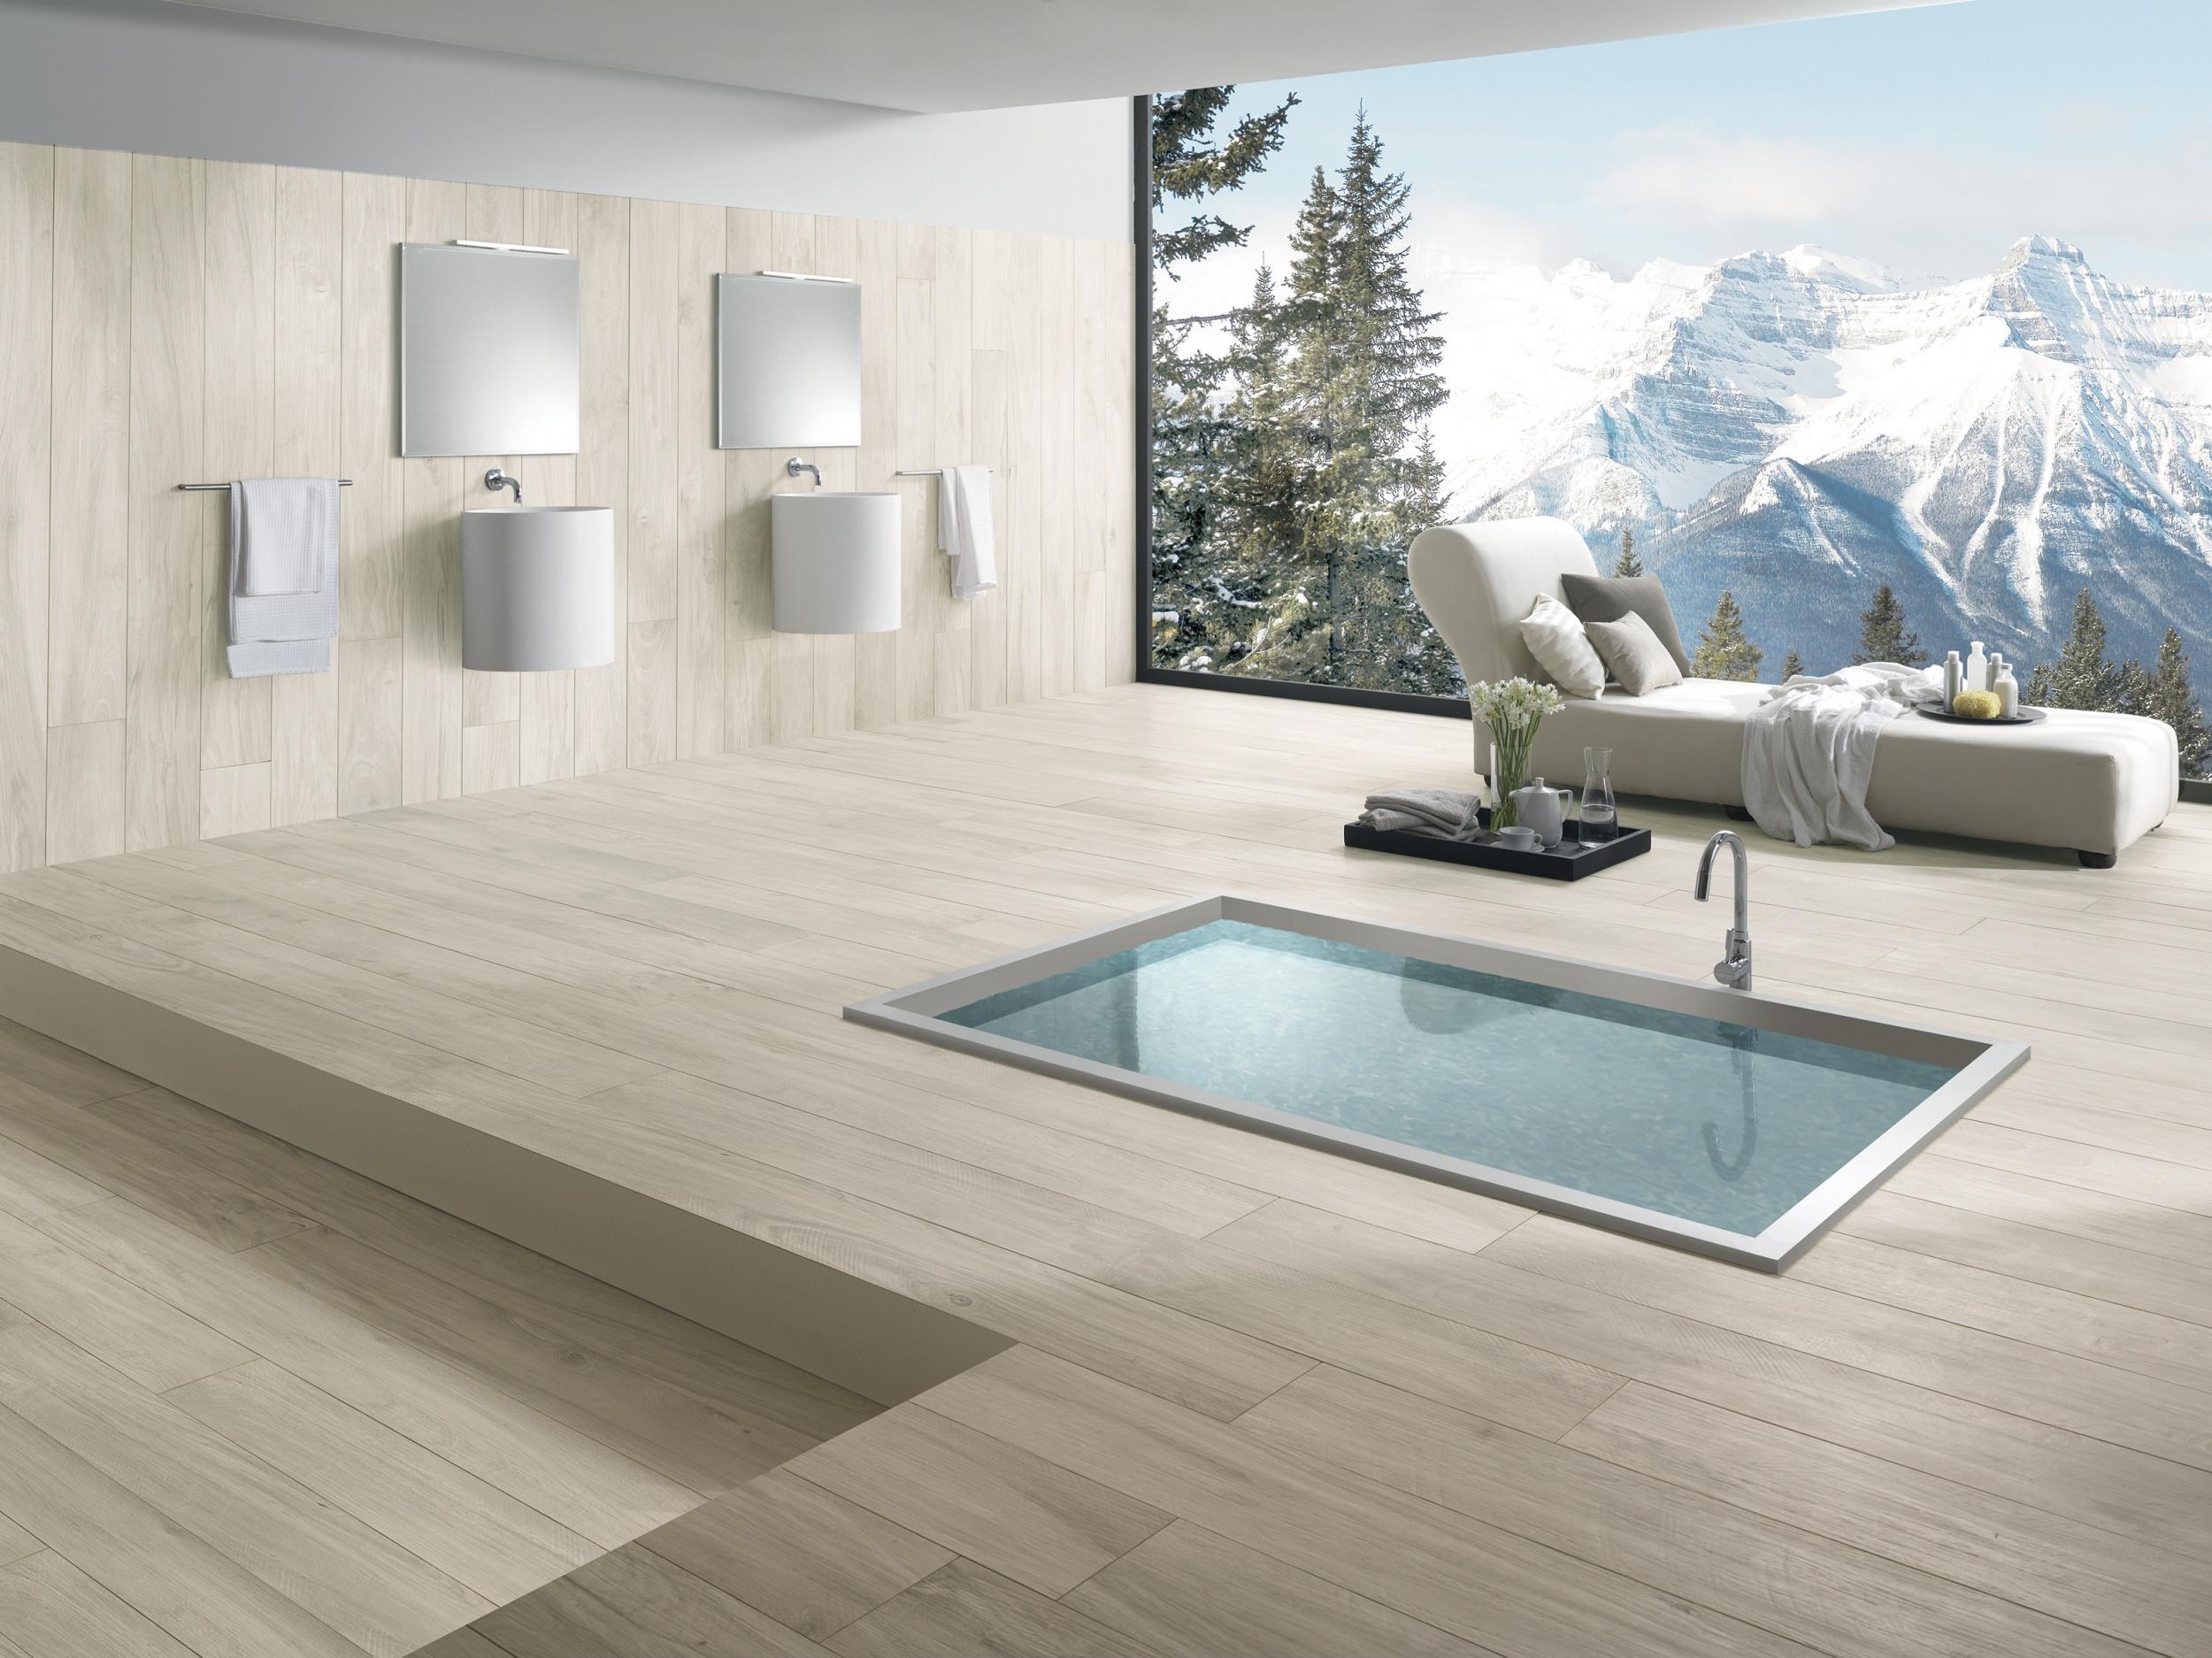 Tiles Bathroom Uk Porcelain Tiles Finest Italian Porcelain Wall And Floor Tiles